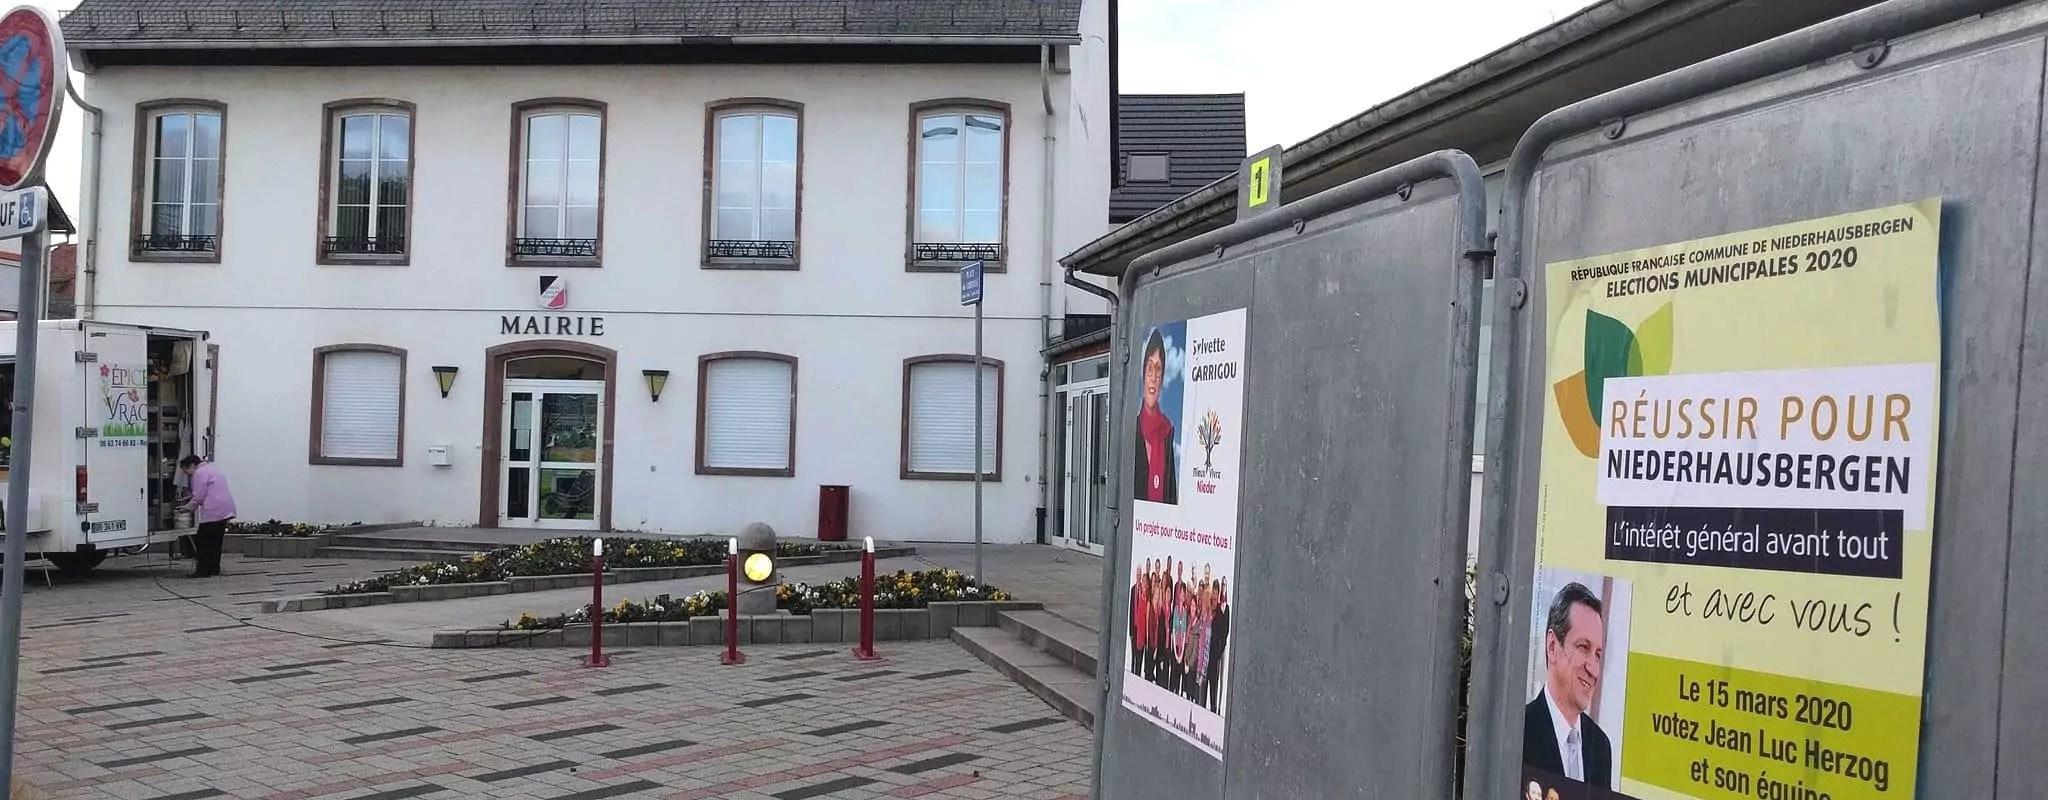 À Niederhausbergen, une liste pour en finir avec les intimidations de Jean-Luc Herzog